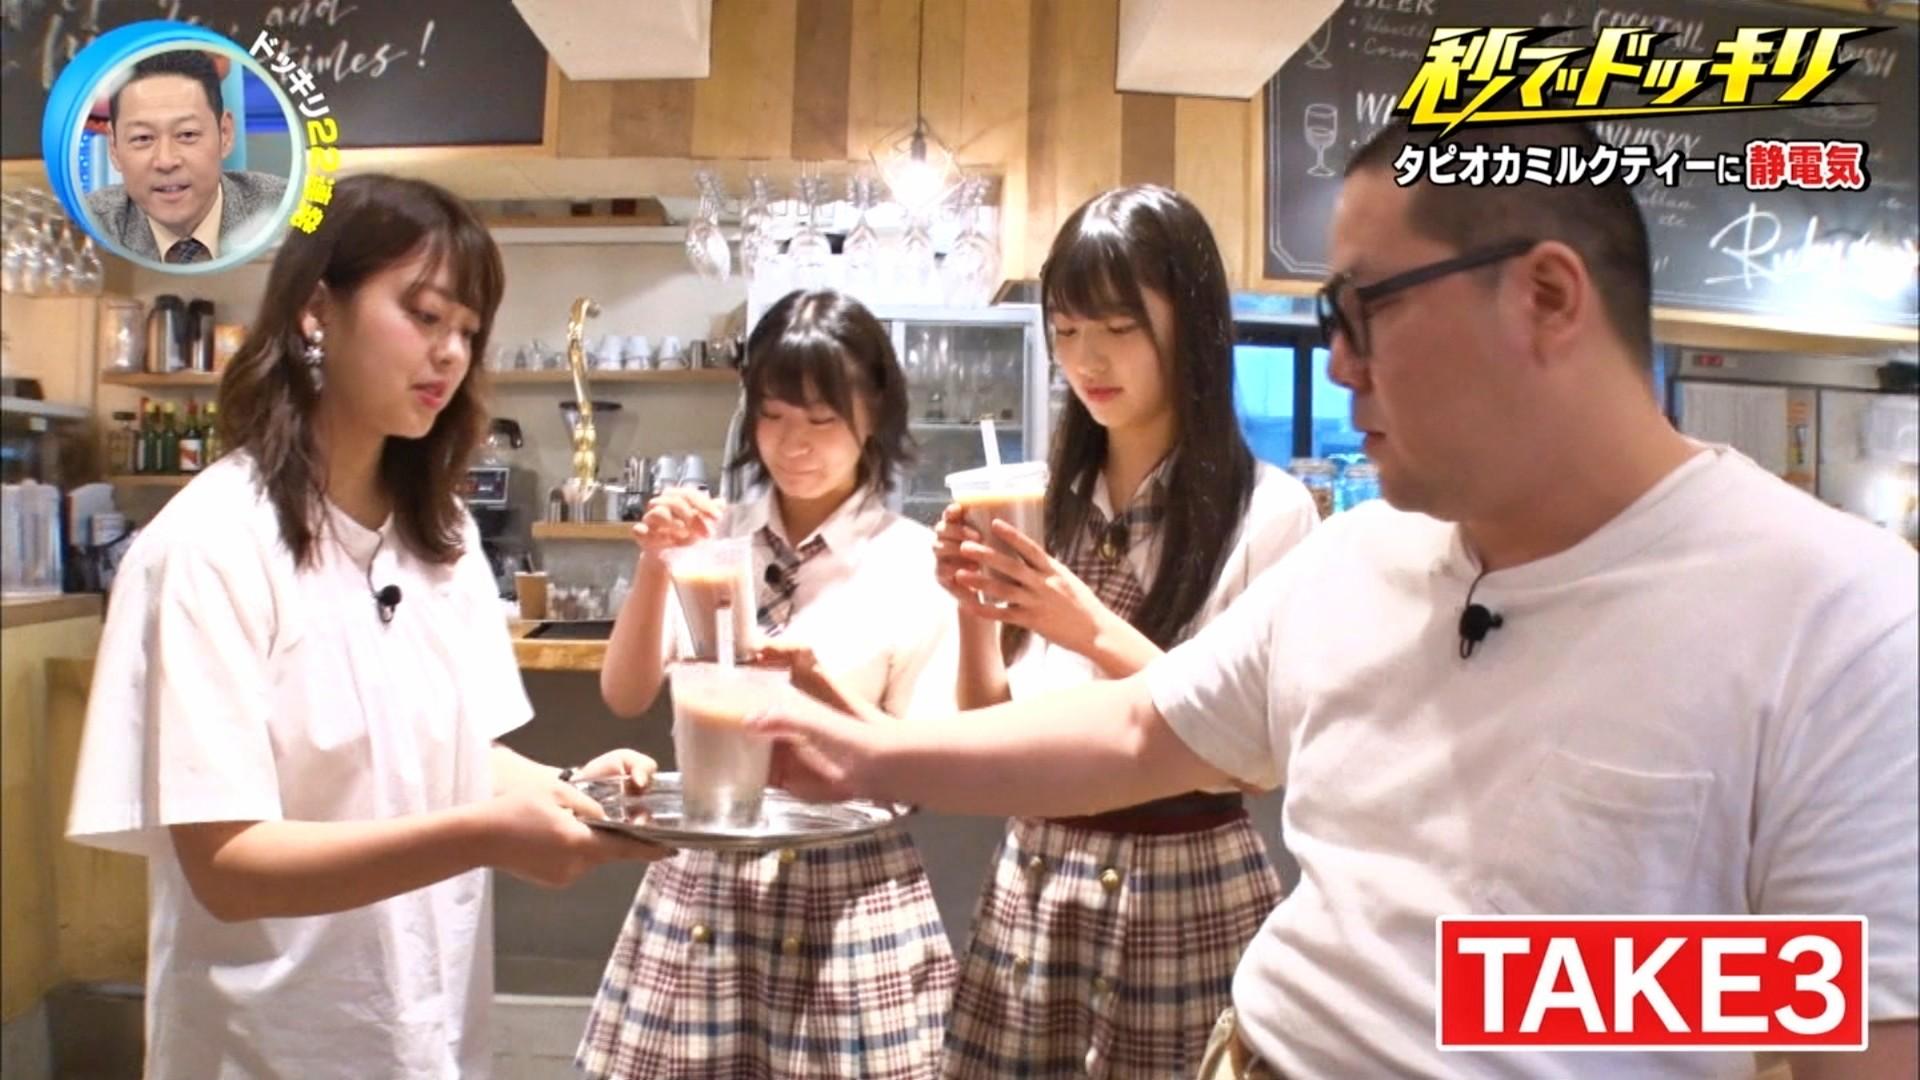 2019年11月30日にフジテレビ系列でほうそうされた「芸能人が本気で考えた!ドッキリGP」に出演したNMB48上西怜・大田莉央奈の画像-040